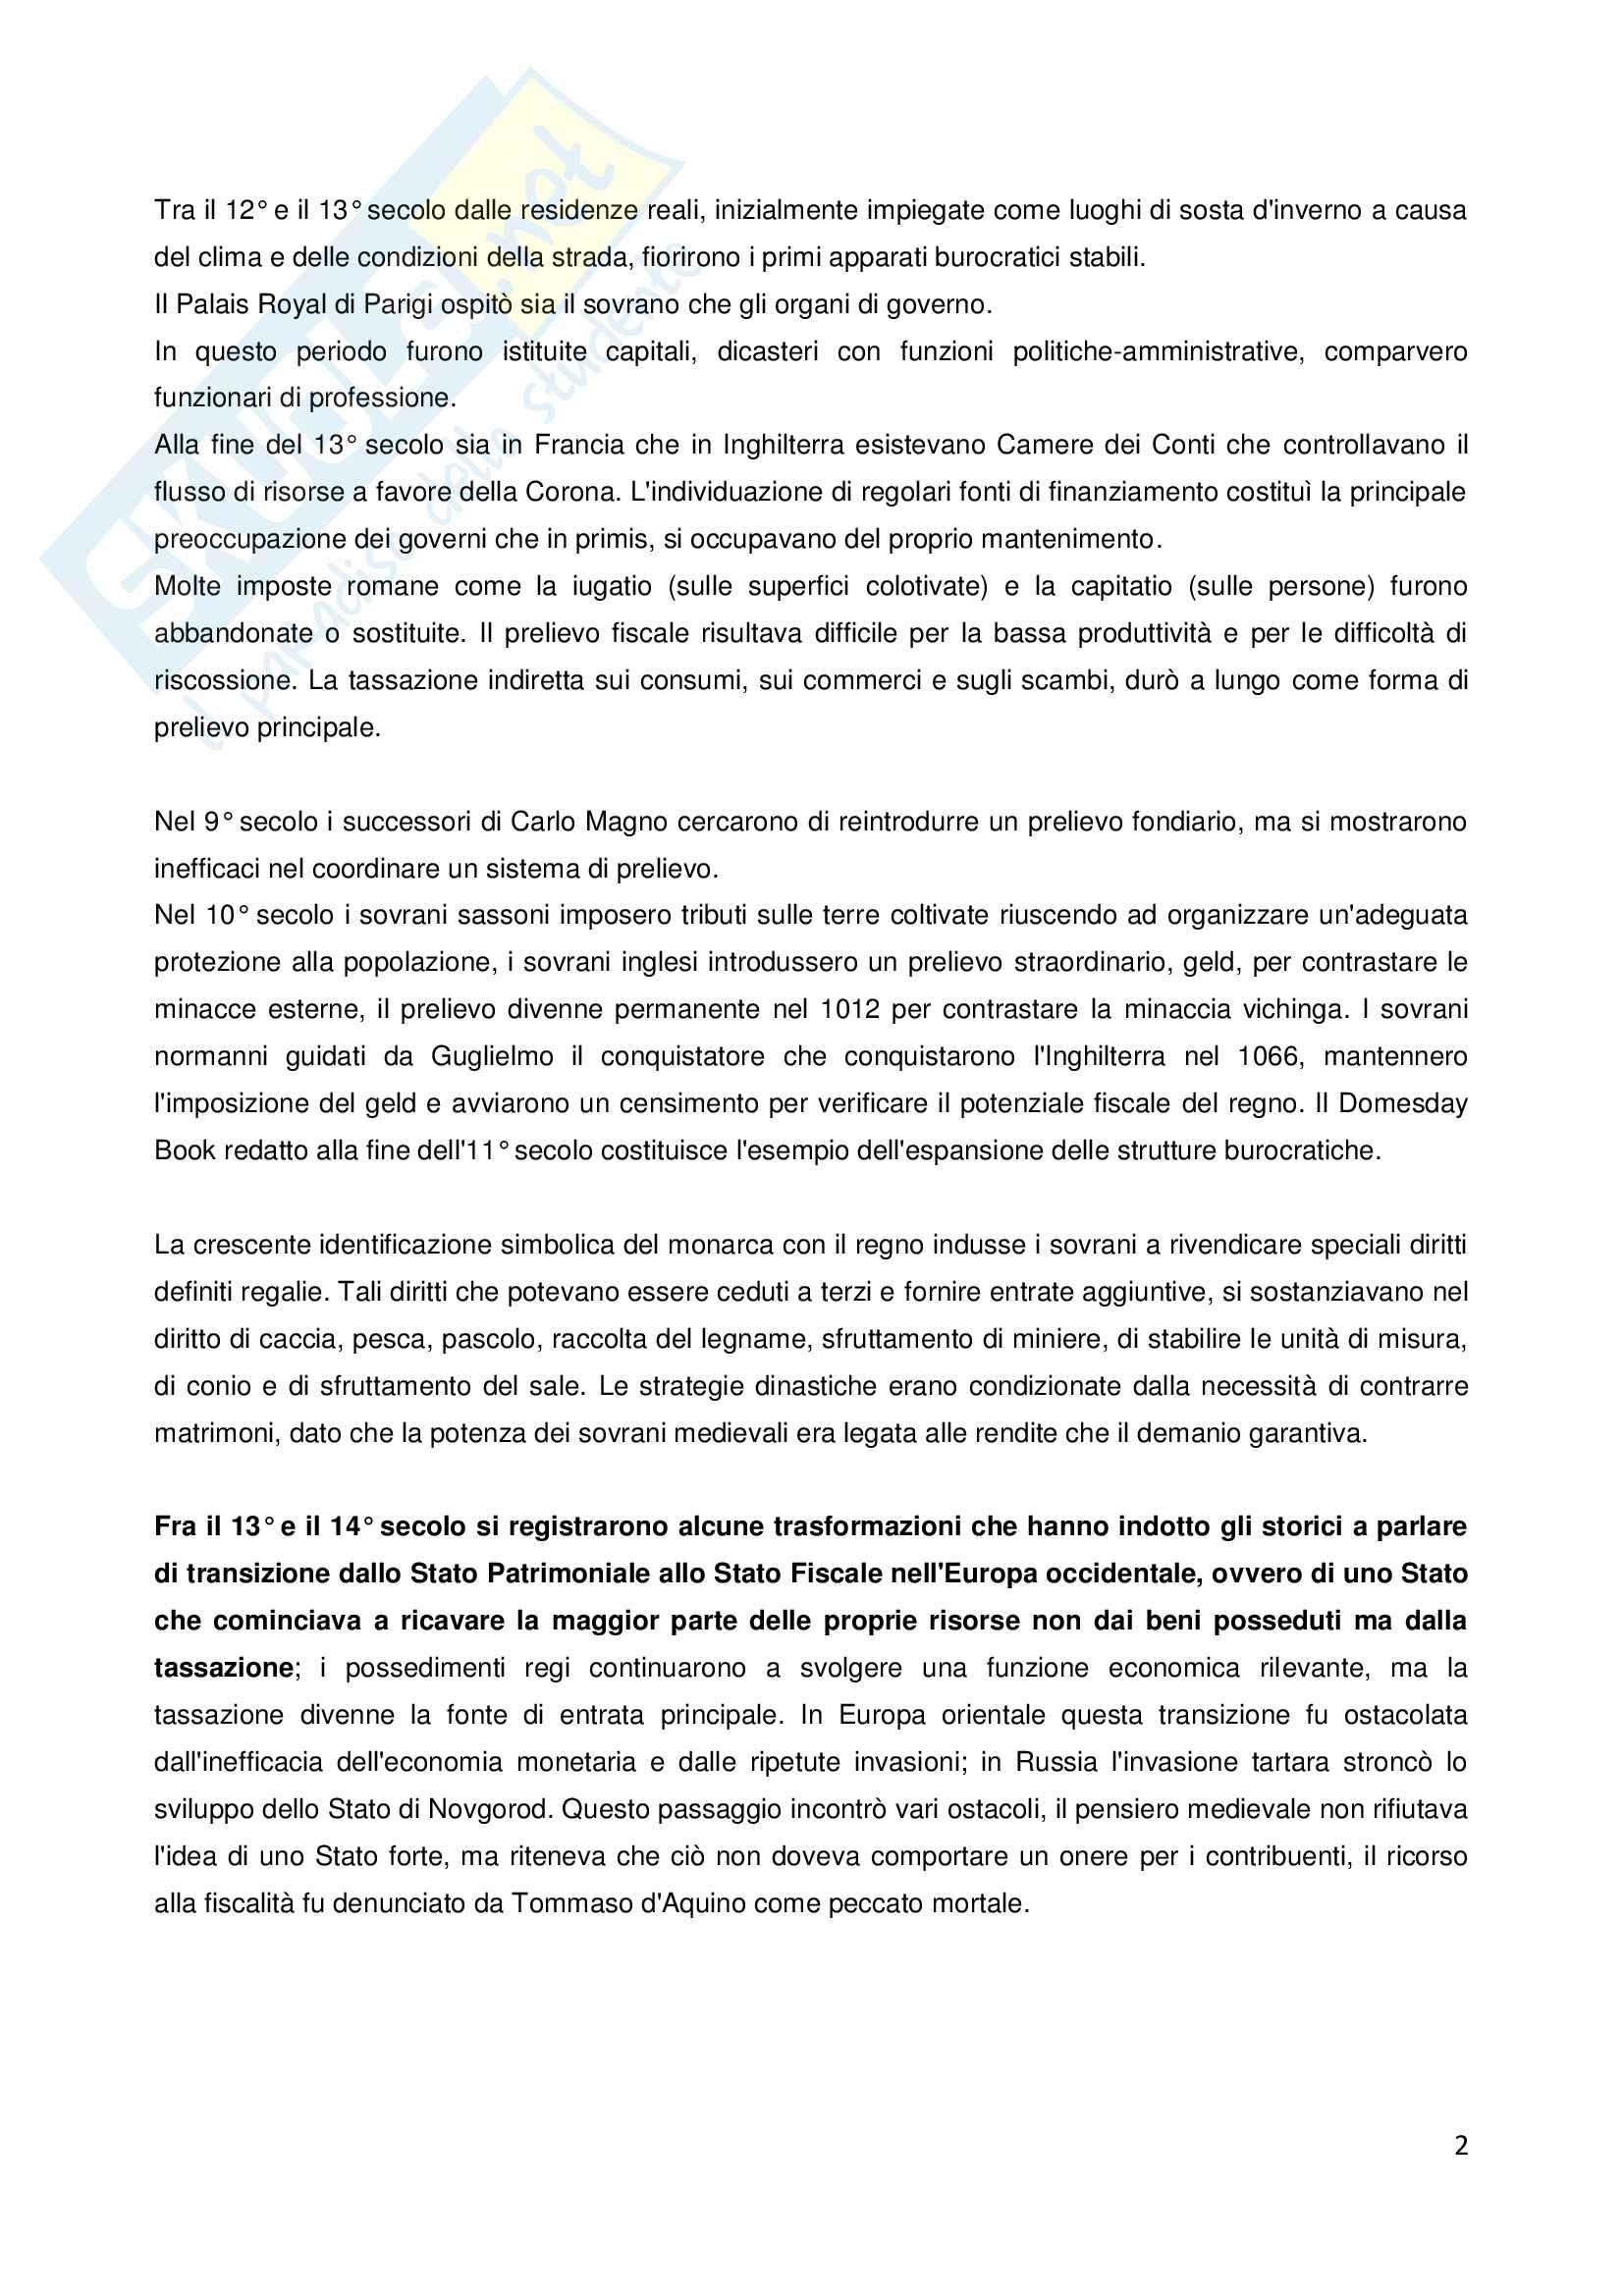 Storia della finanza pubblica Pag. 2